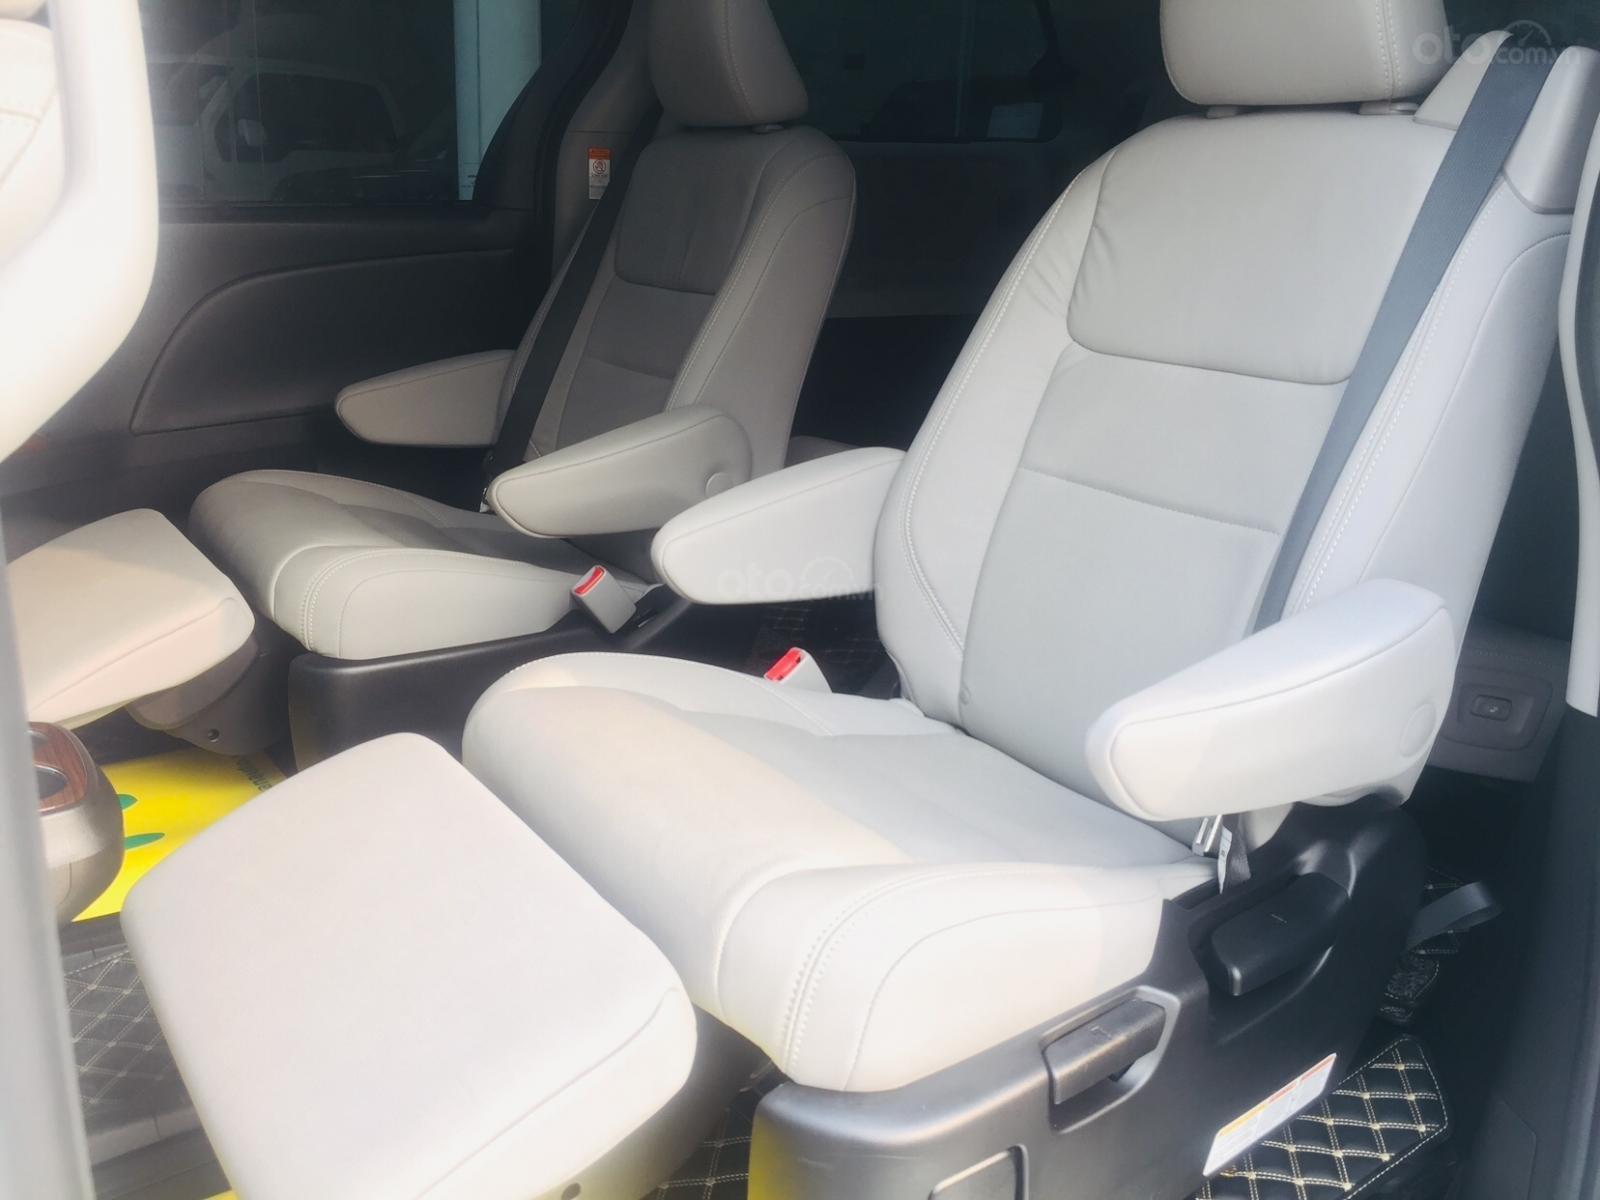 Bán xe Toyota Sienna Limited sản xuất 2018, siêu lướt, giao xe toàn quốc, LH Ms Ngọc Vy 093.996.2368 (16)